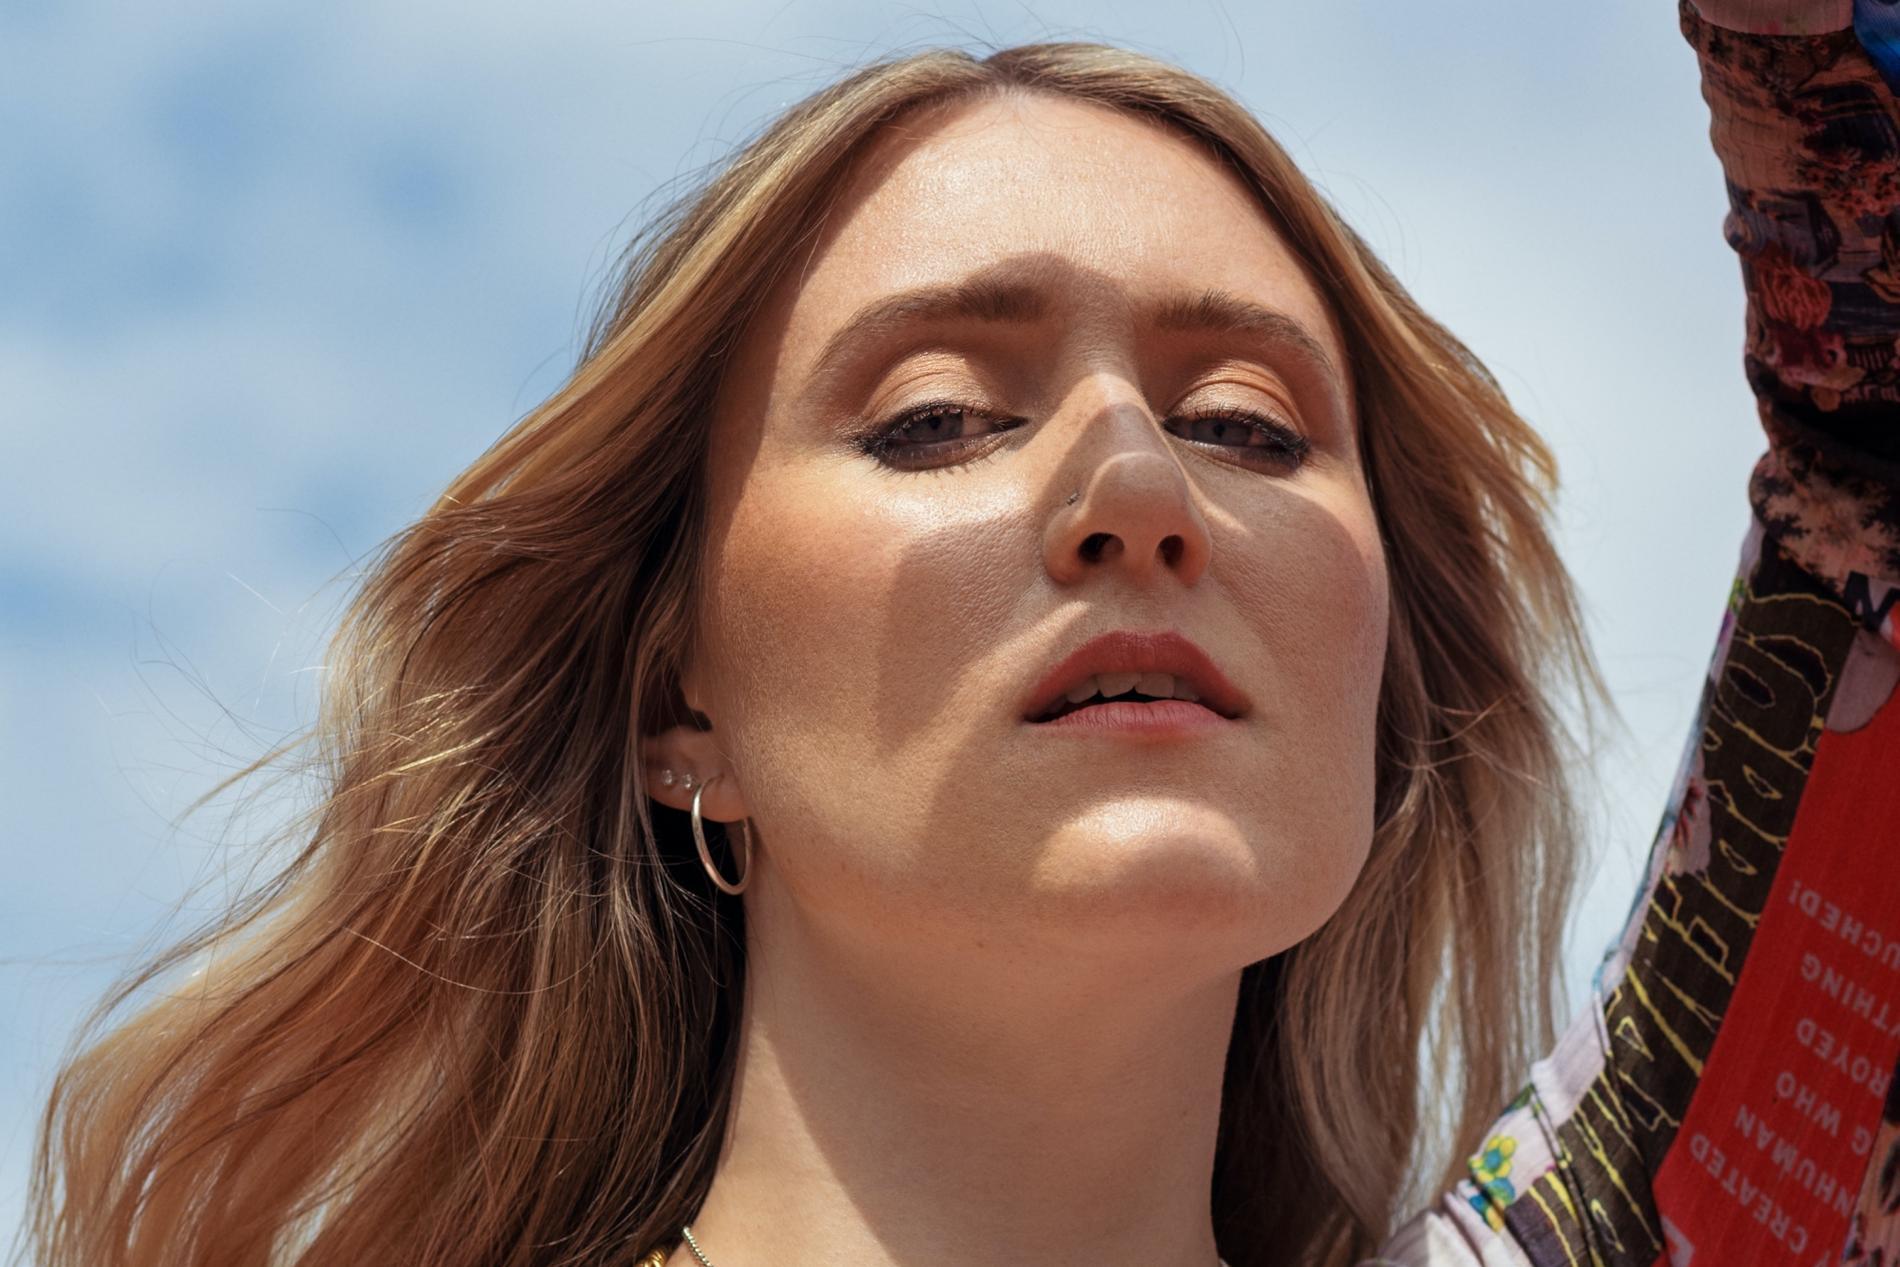 Myra Granbergs debutalbum är ojämnt men gripande i stunder.